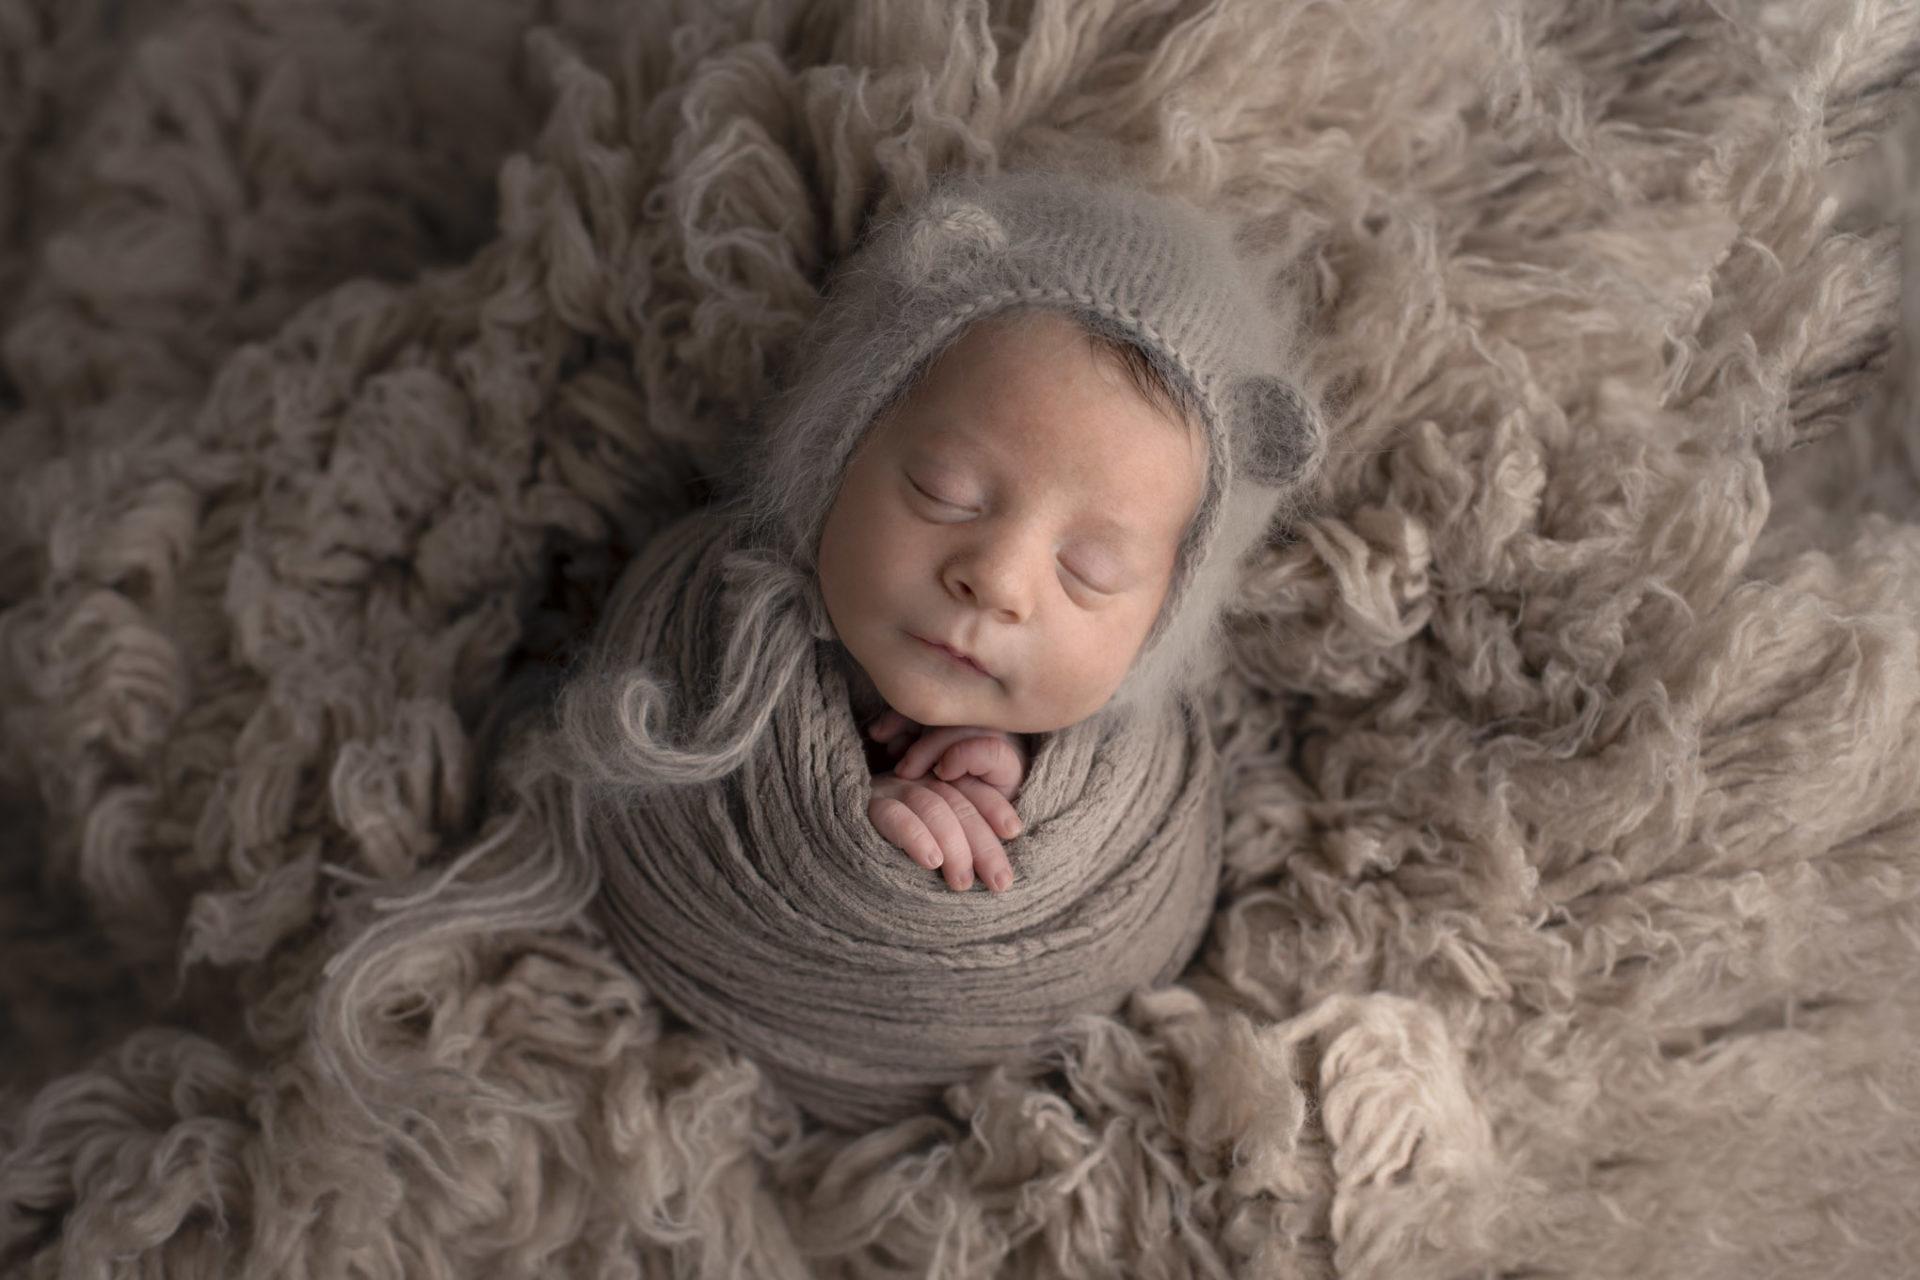 Donatella Gallori Servizio fotografico Bebè Firenze